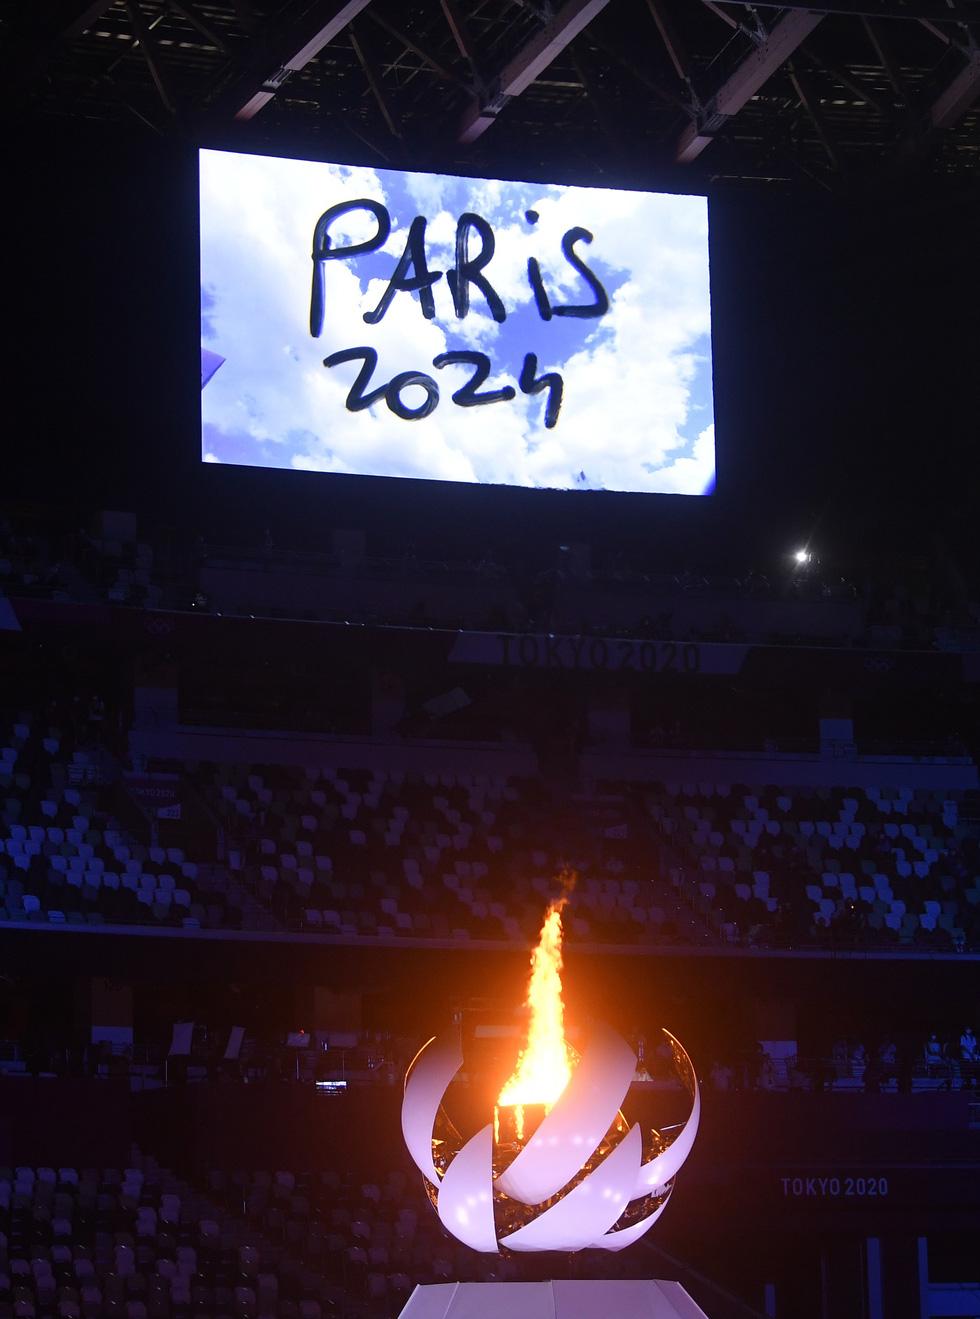 Tạm biệt Tokyo, hẹn gặp lại ở Paris năm 2024 - Ảnh 11.